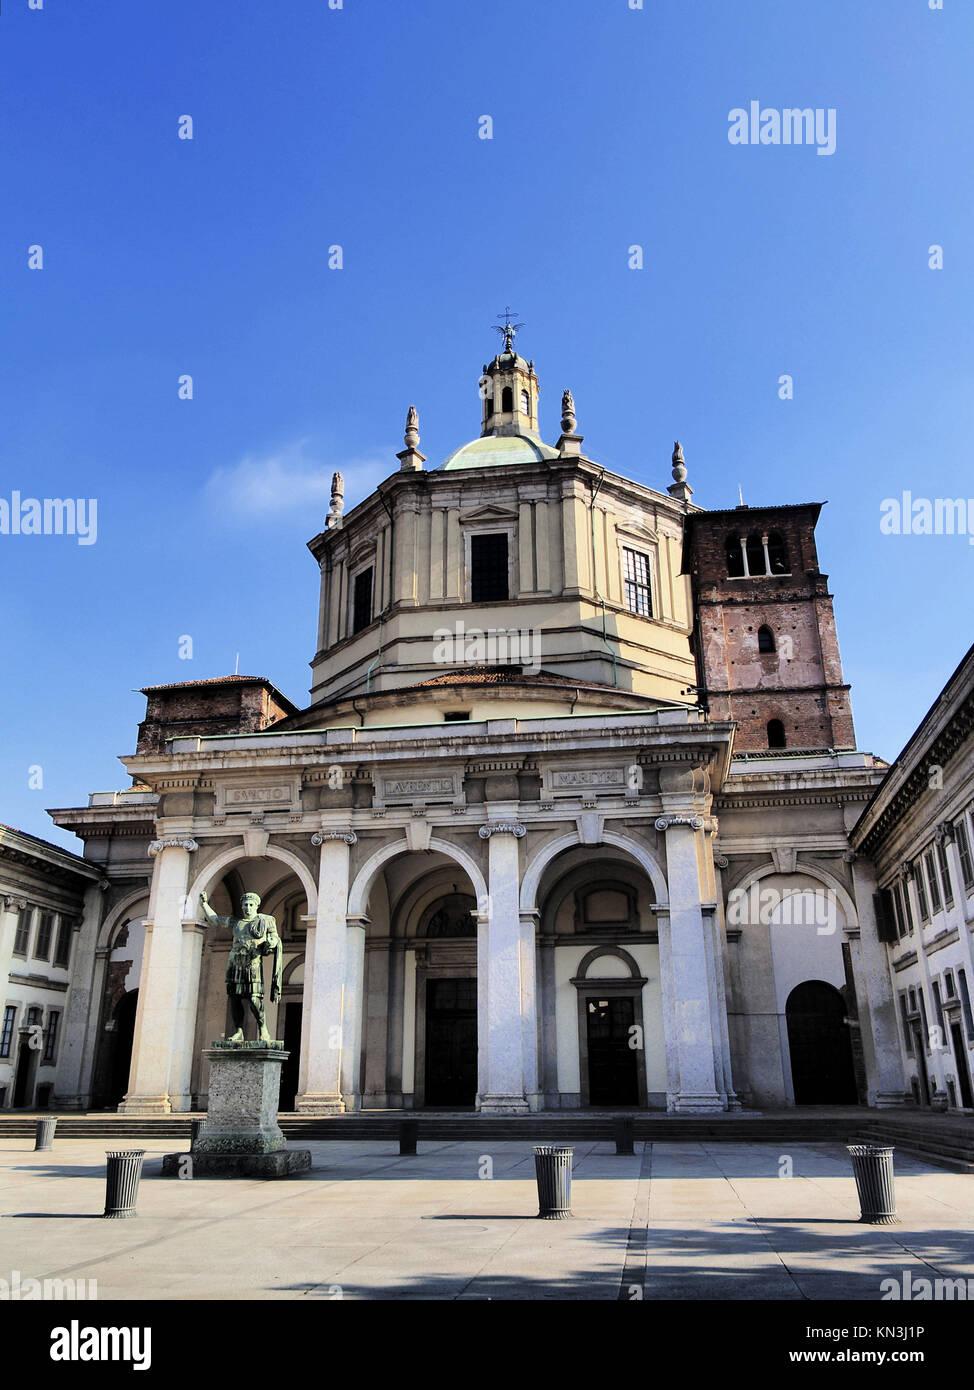 La Basílica de San Lorenzo en Milán - ciudad en Lombardía, Italia. Foto de stock